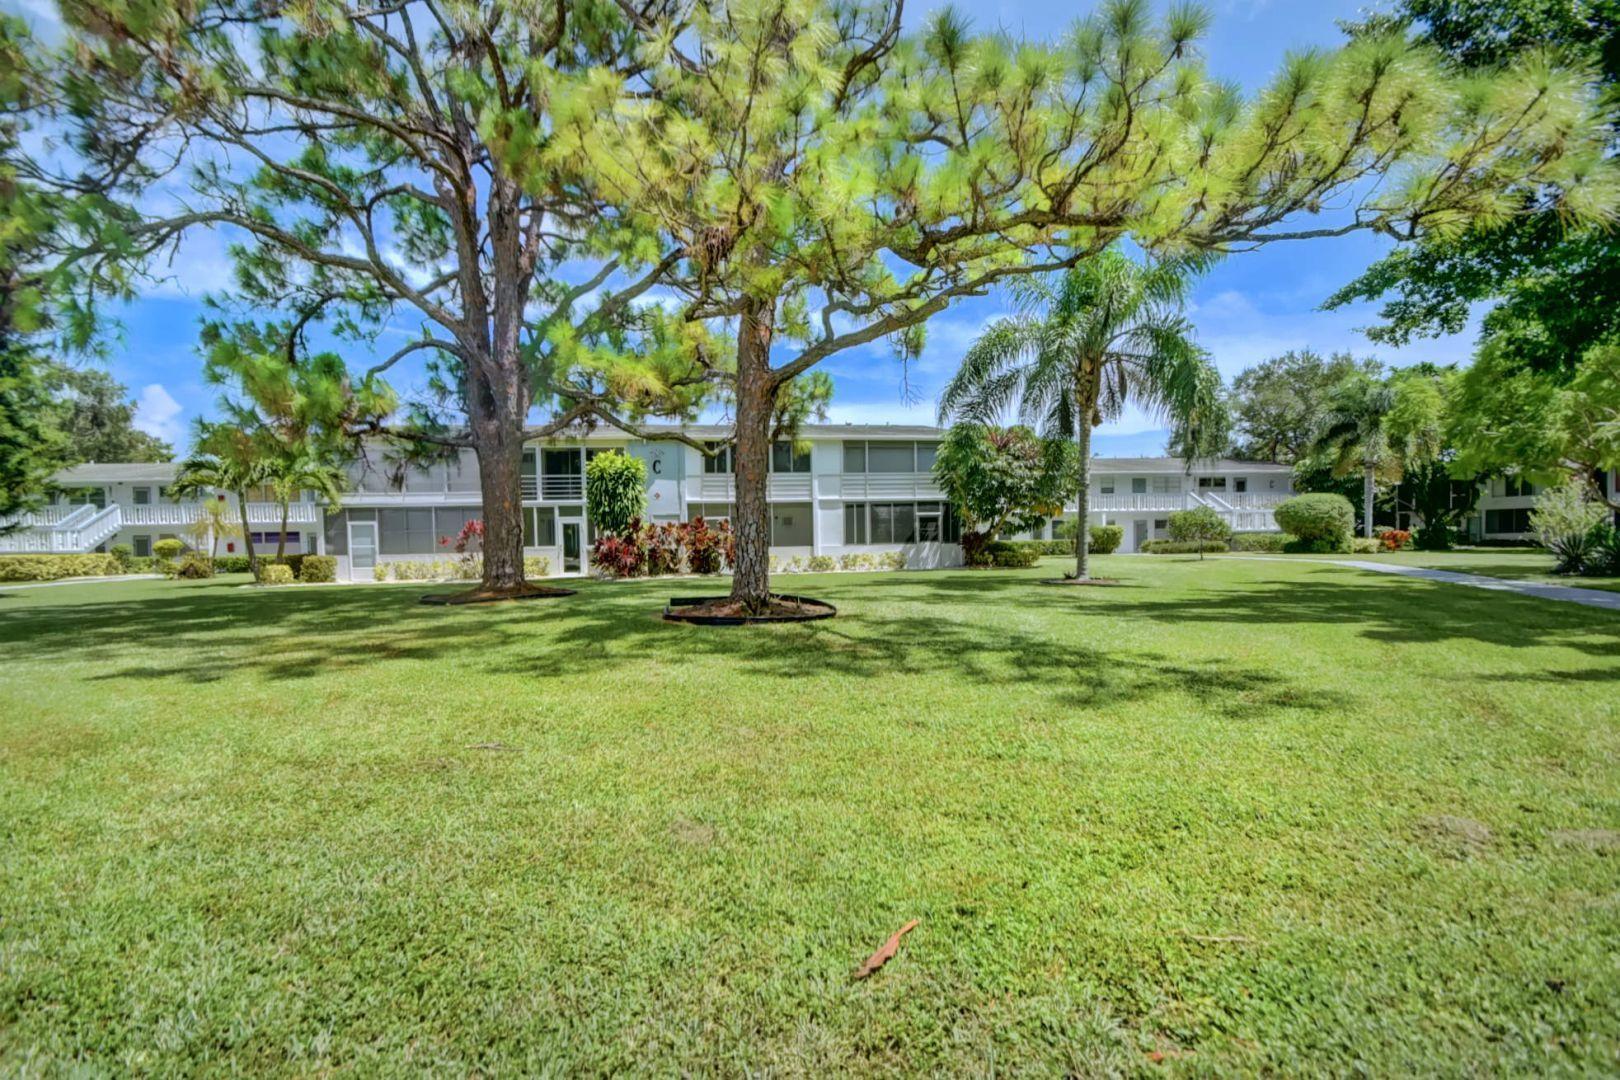 59 Tilford C 59  Deerfield Beach FL 33442